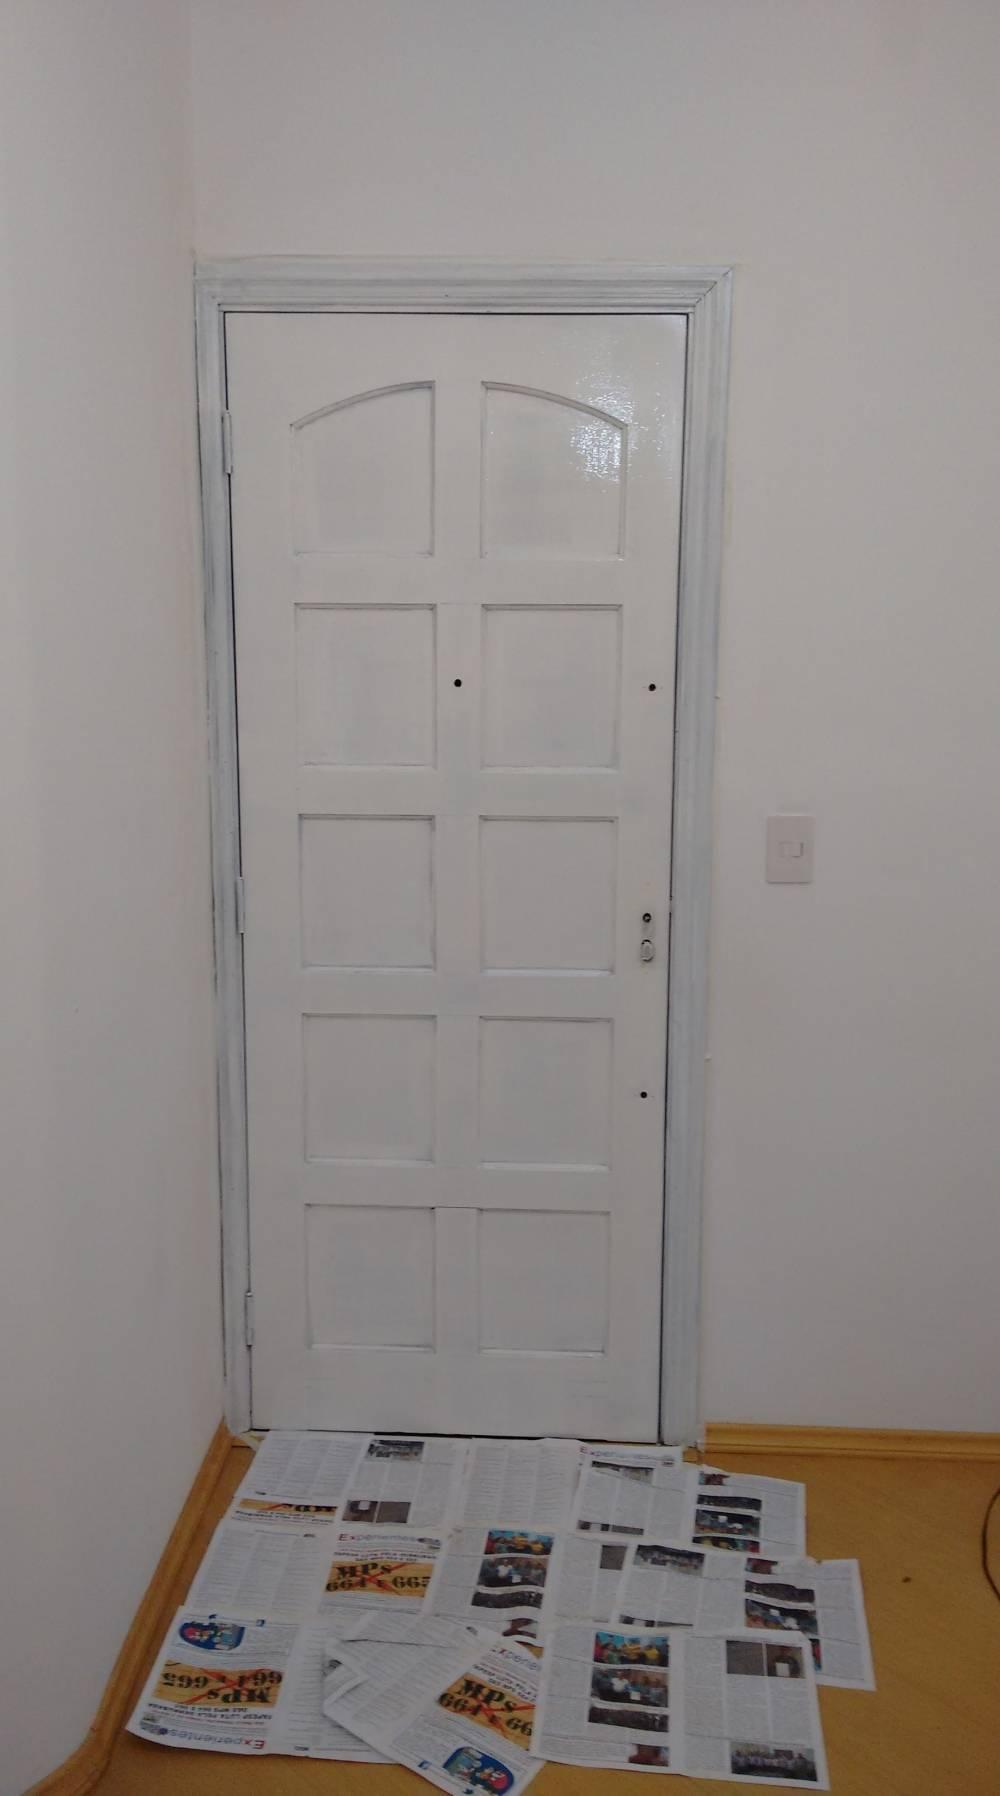 Contratar Empresa para Pequenos Reparos Residenciais em Serraria - Empresa de Reparos Residenciais